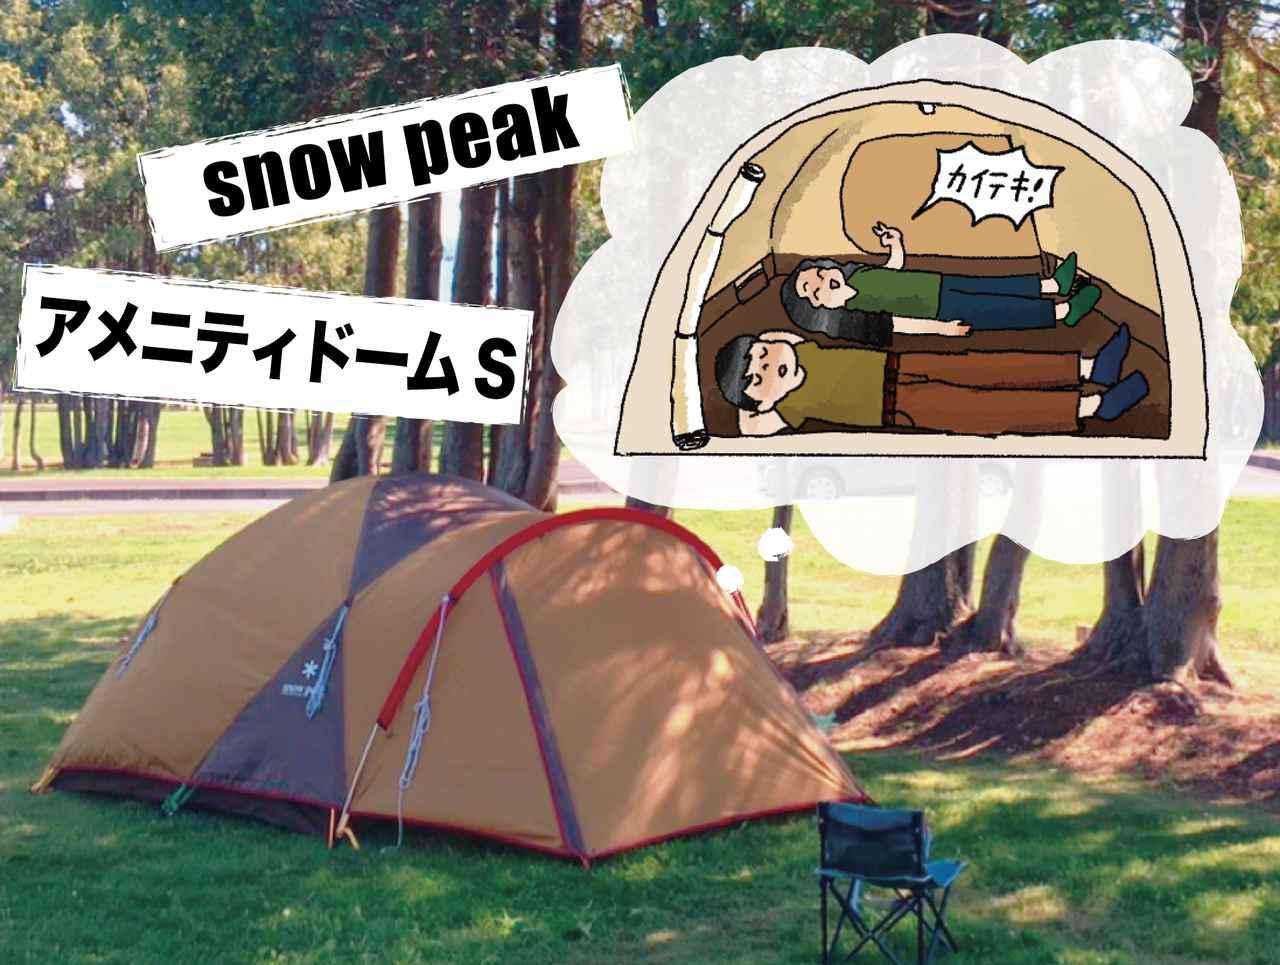 画像: 【テントレビュー】スノーピーク「アメニティドームS」を紹介! 2人キャンプにおすすめ - ハピキャン(HAPPY CAMPER)